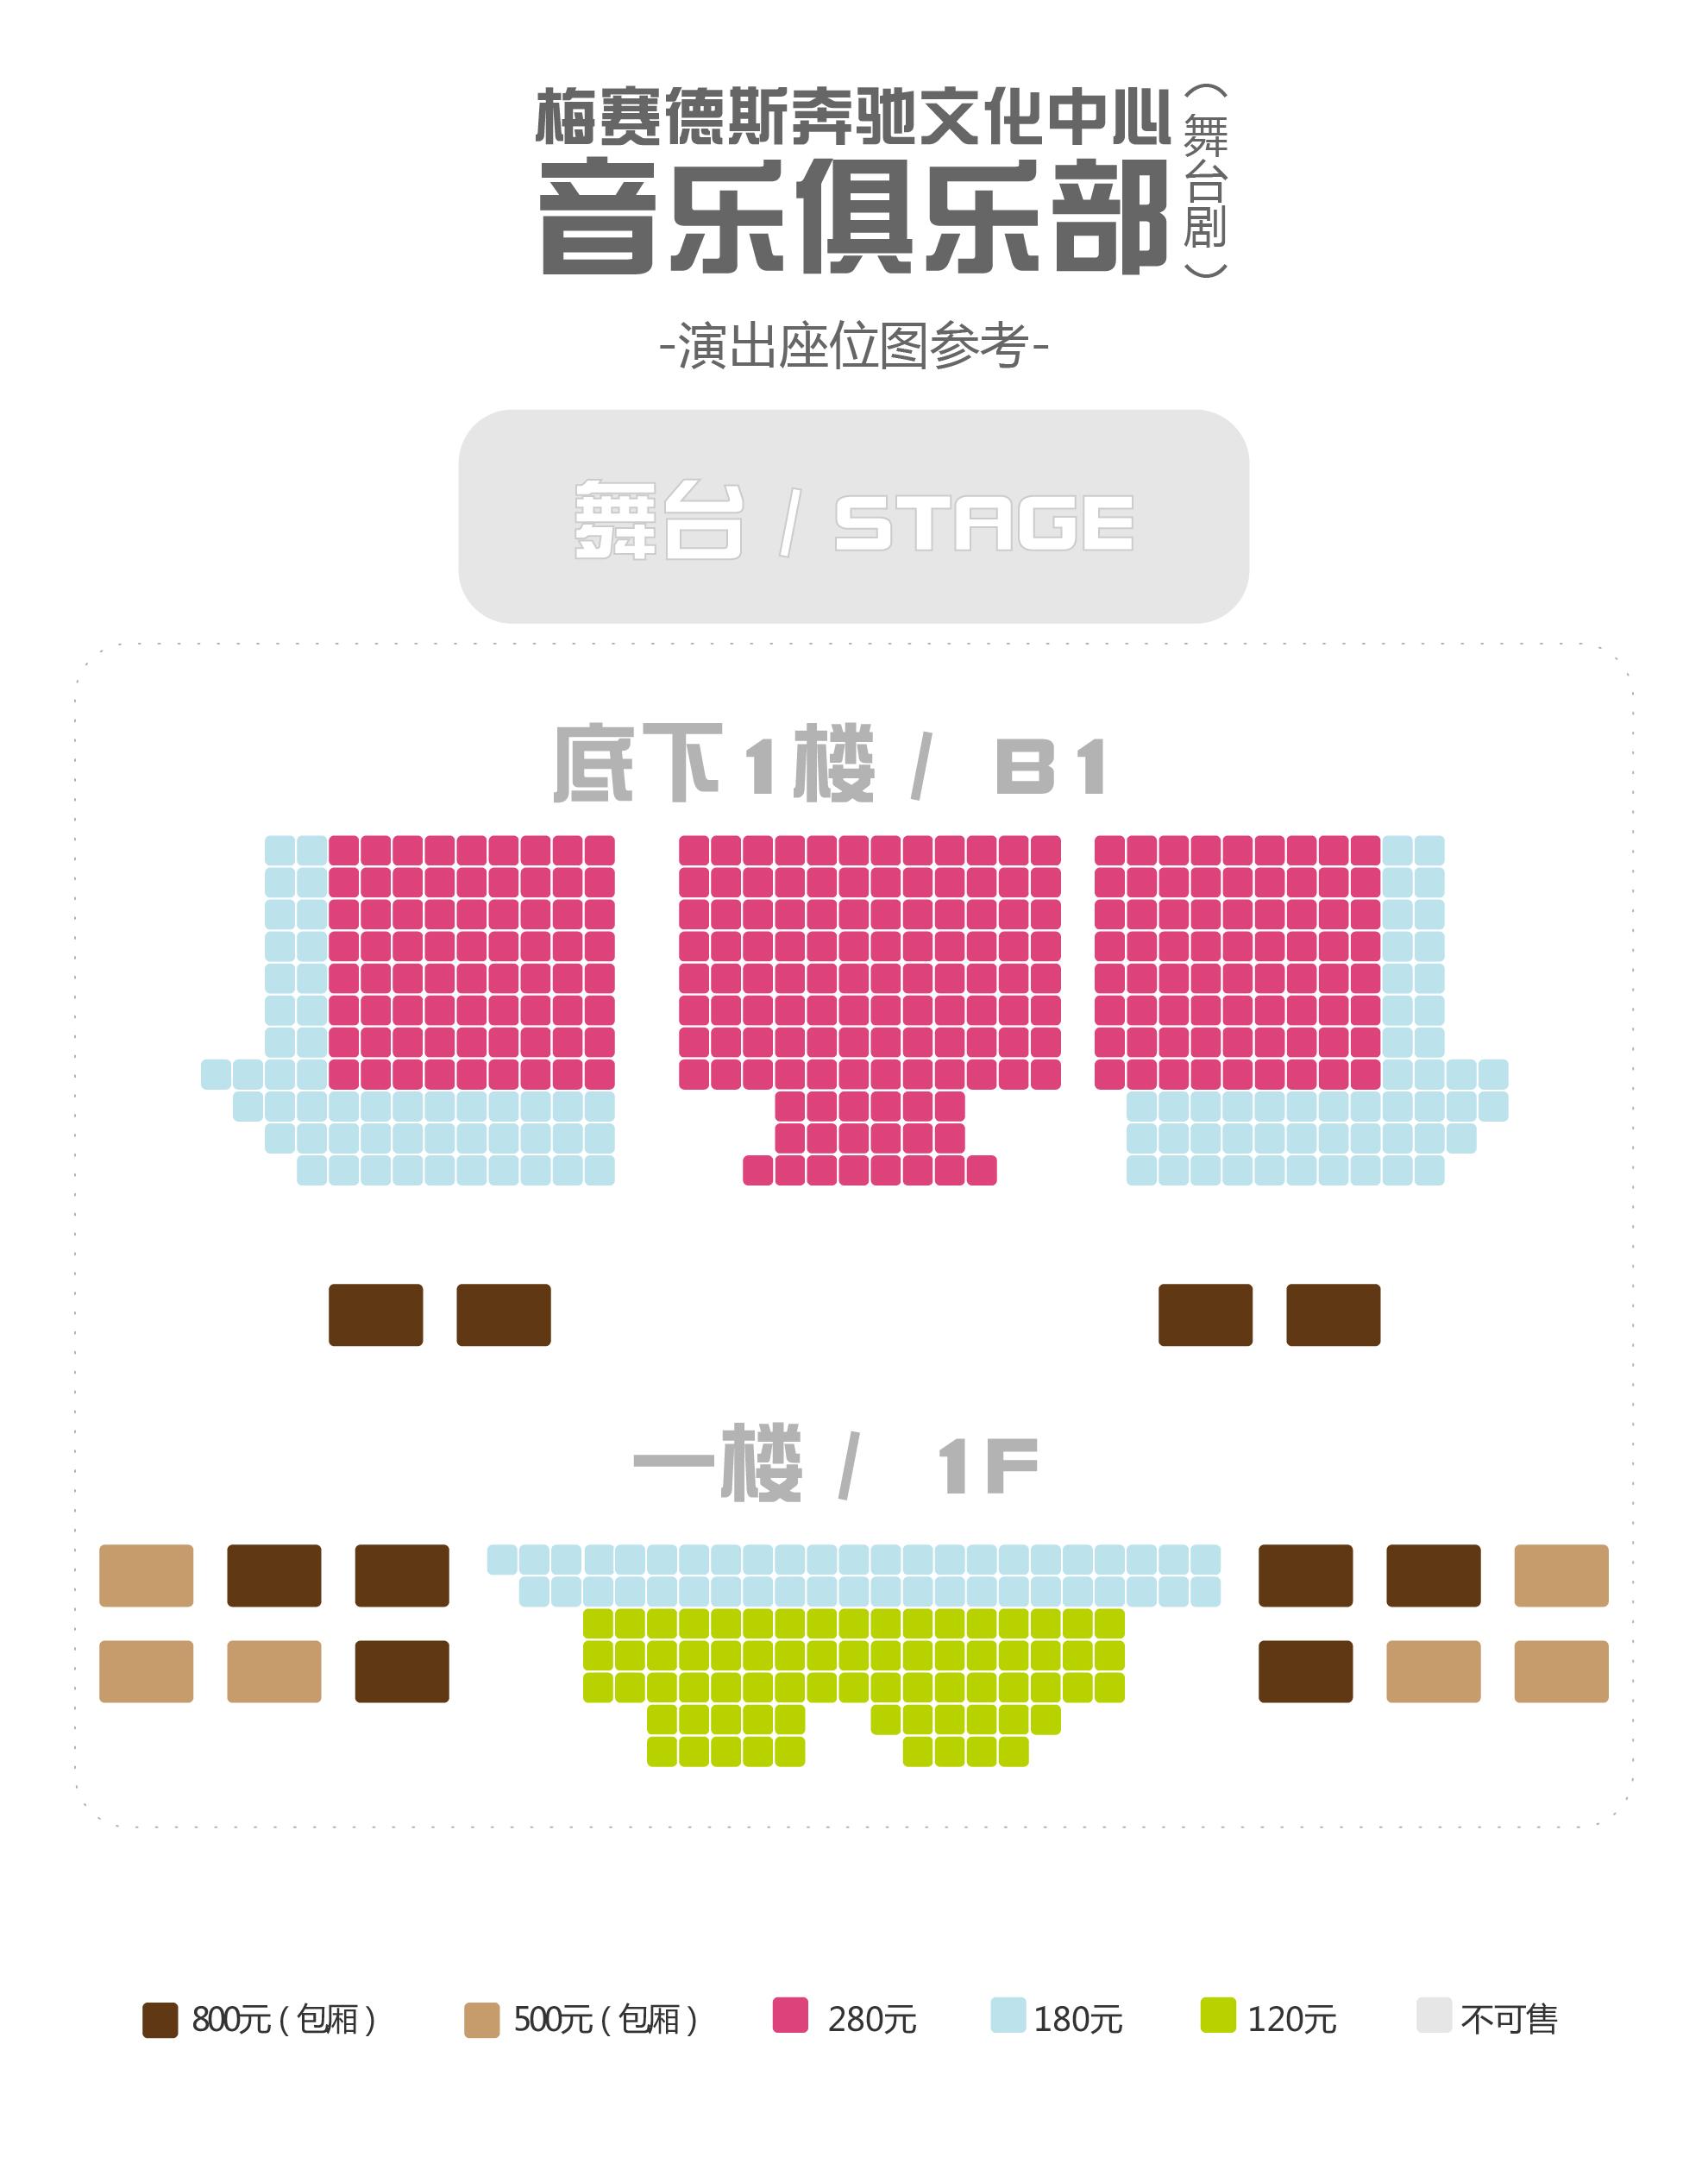 11-舞台剧座位图_儿童剧-梅奔.jpg